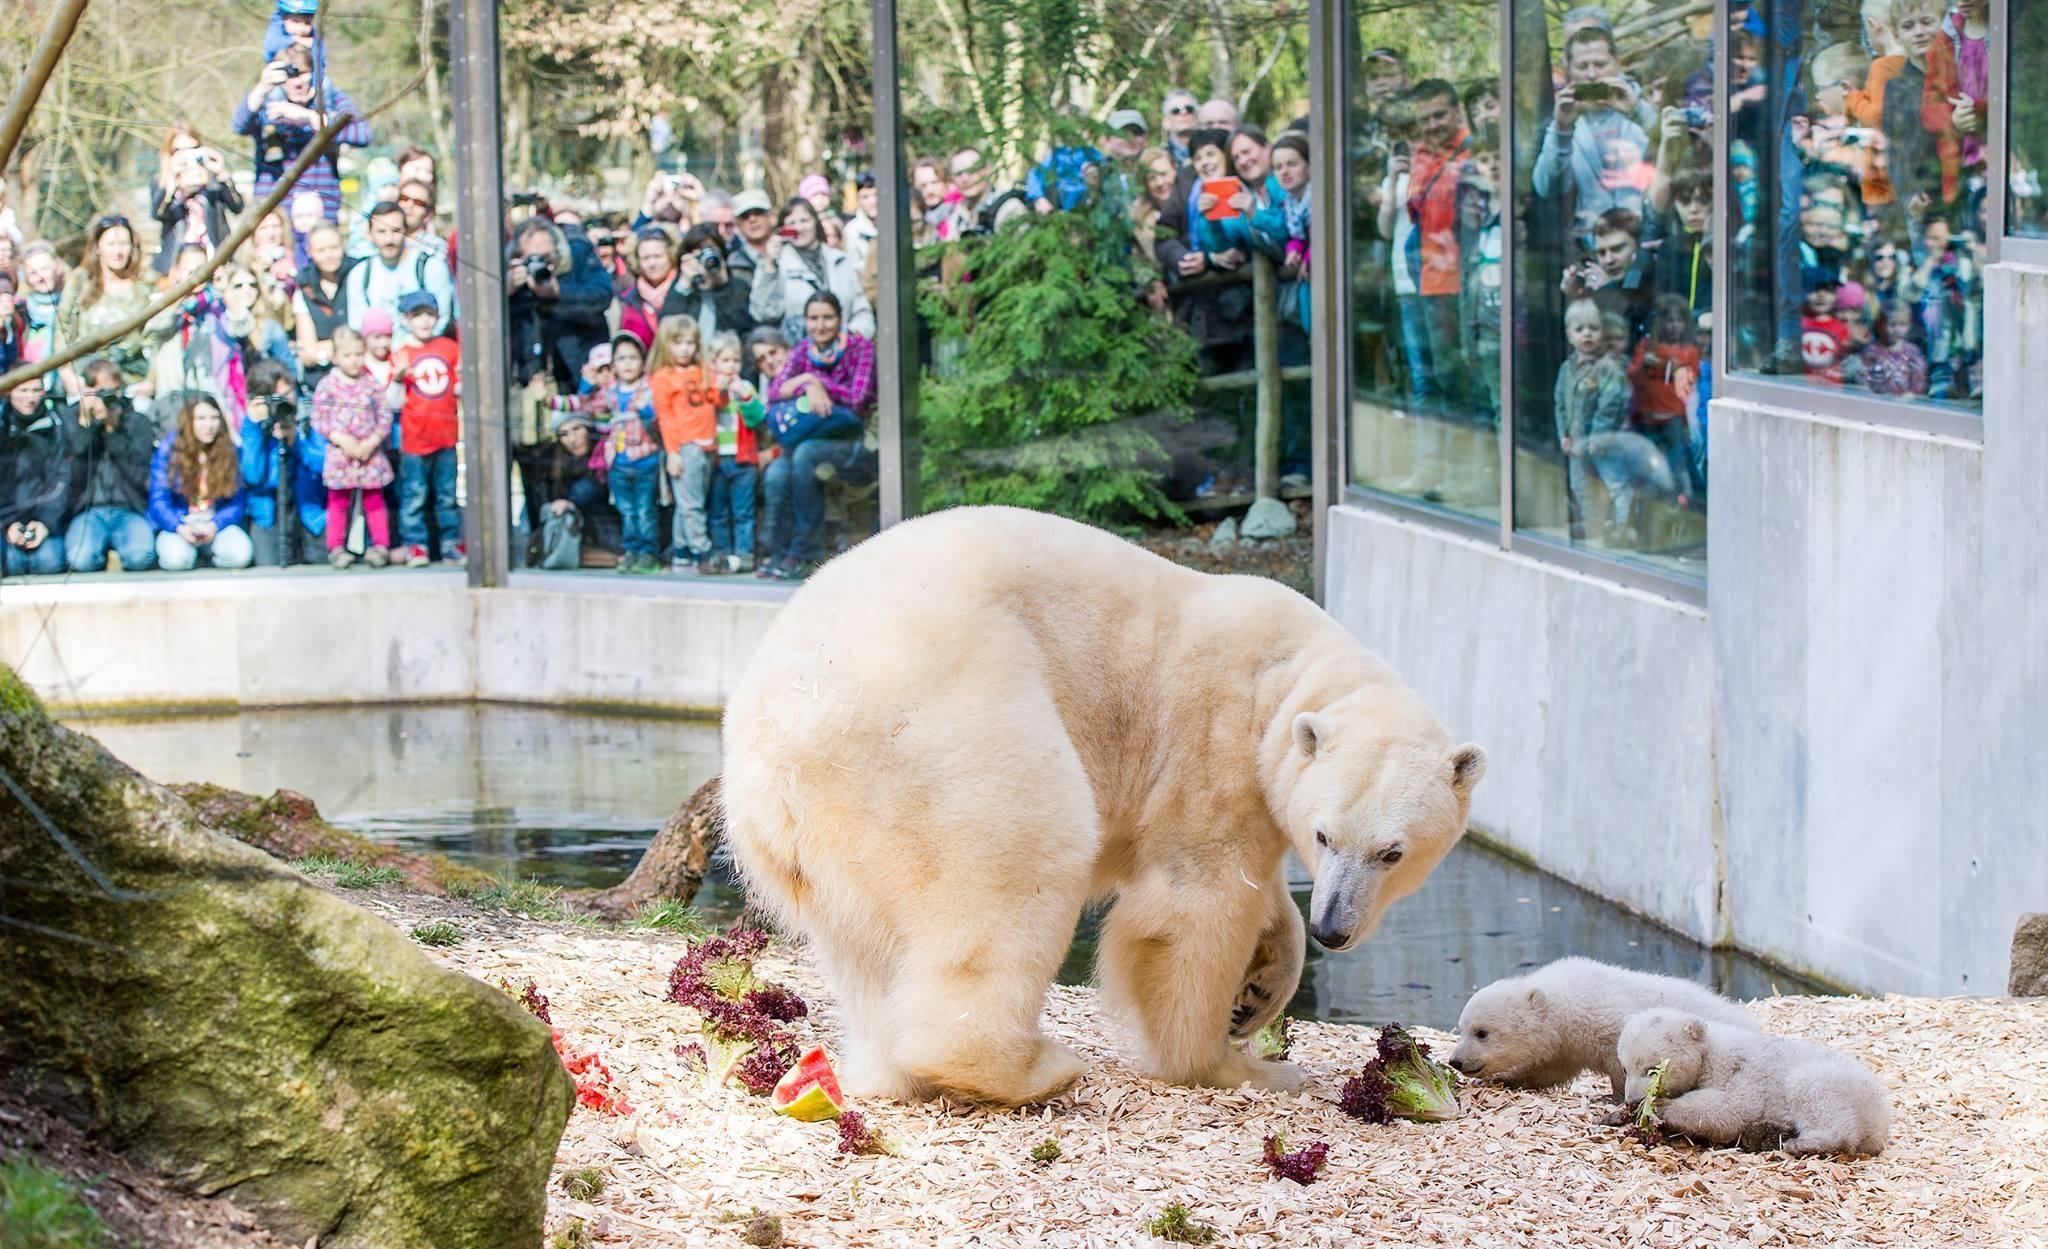 Зоопарк в мюнхене хеллабрунн - цены, часы работы, как доехать